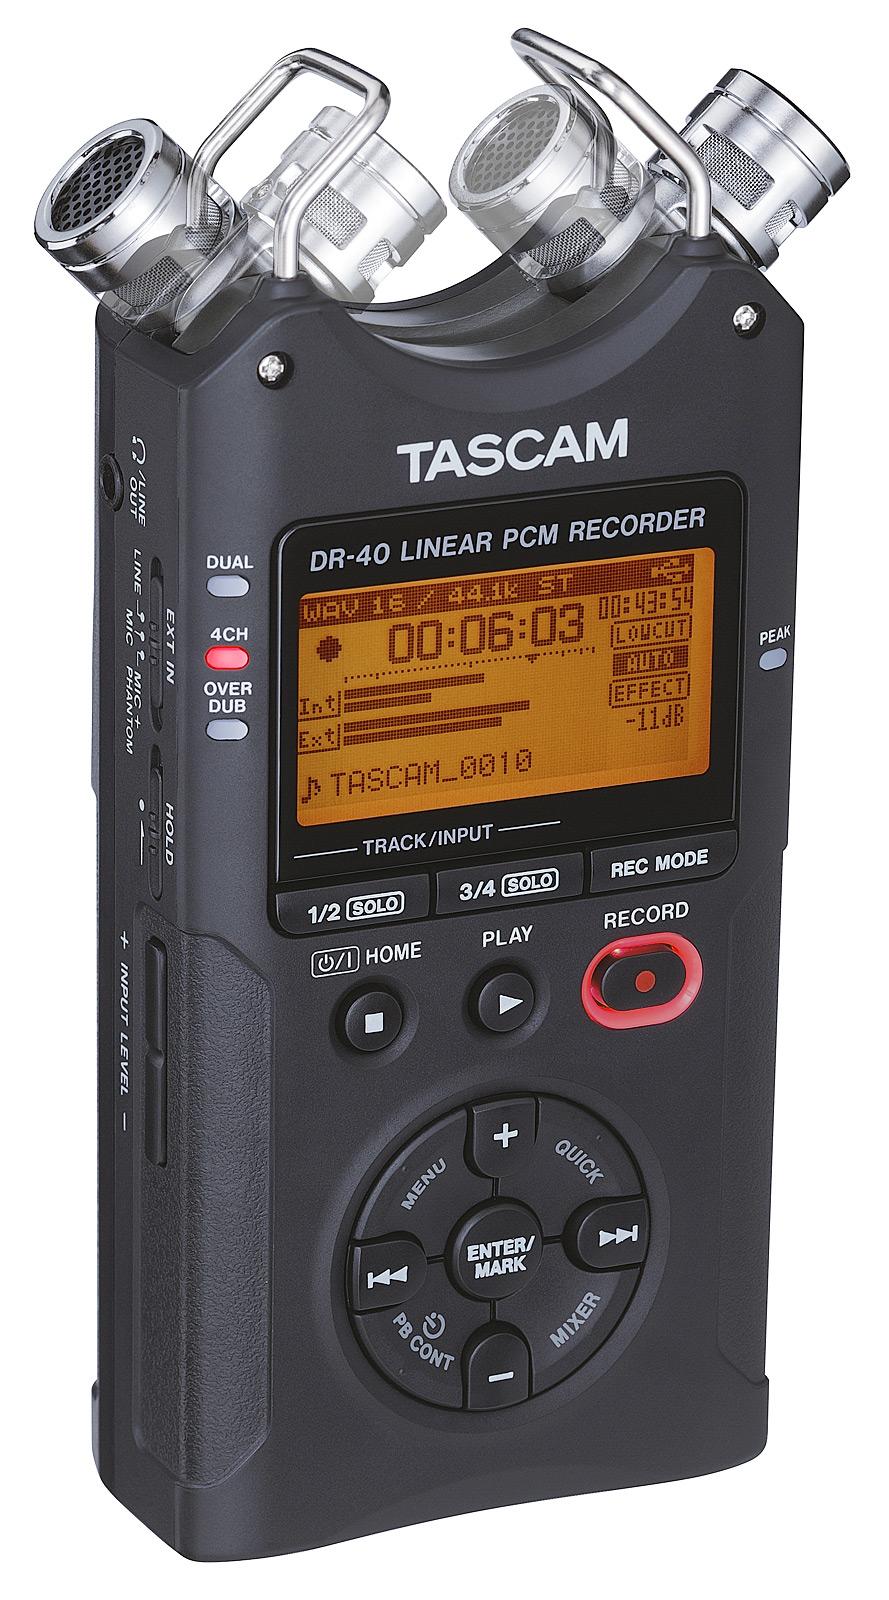 Billede af Tascam DR-40V2 håndholdt stereo optager